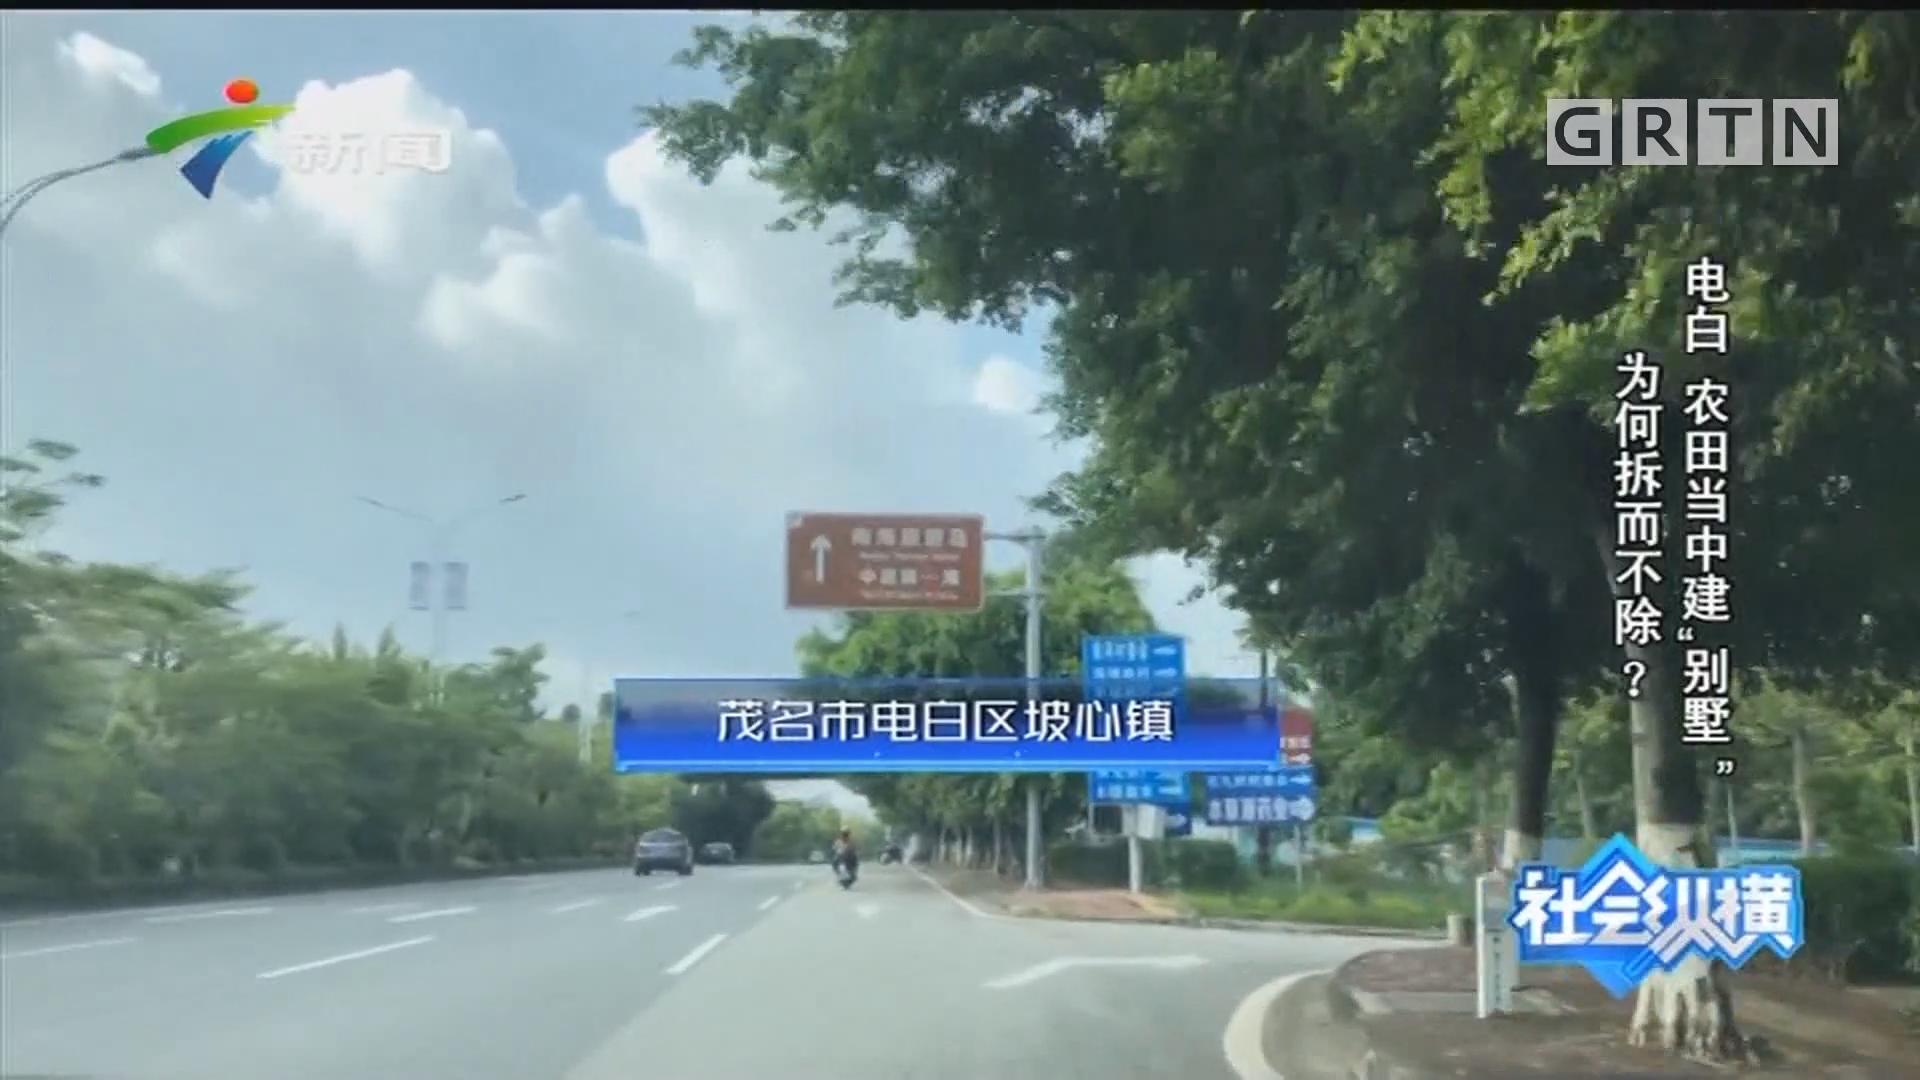 """[HD][2019-11-01]社会纵横:电白 农田当中建""""别墅"""" 为何拆而不除?"""